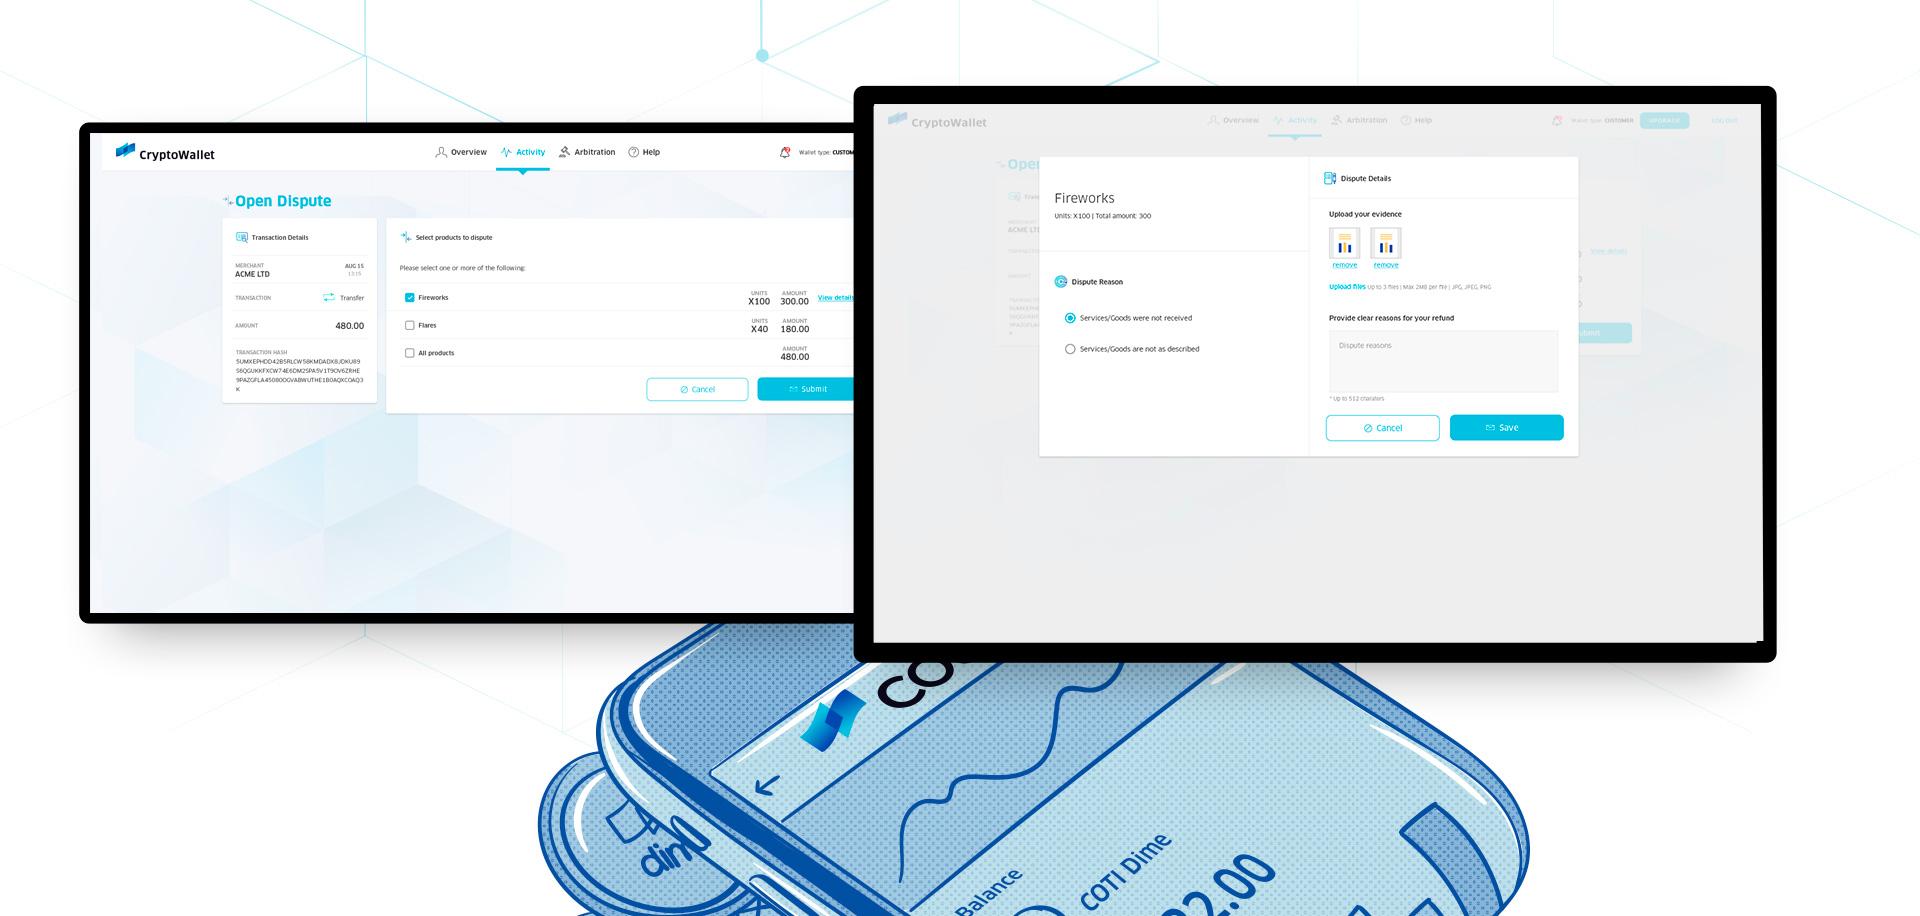 UI & UX for digital crypto currency wallet by COTI תכנון חוויית משתמש ועיצוב ממשק משתמש לארנק דיגיטלי קריפטו 4